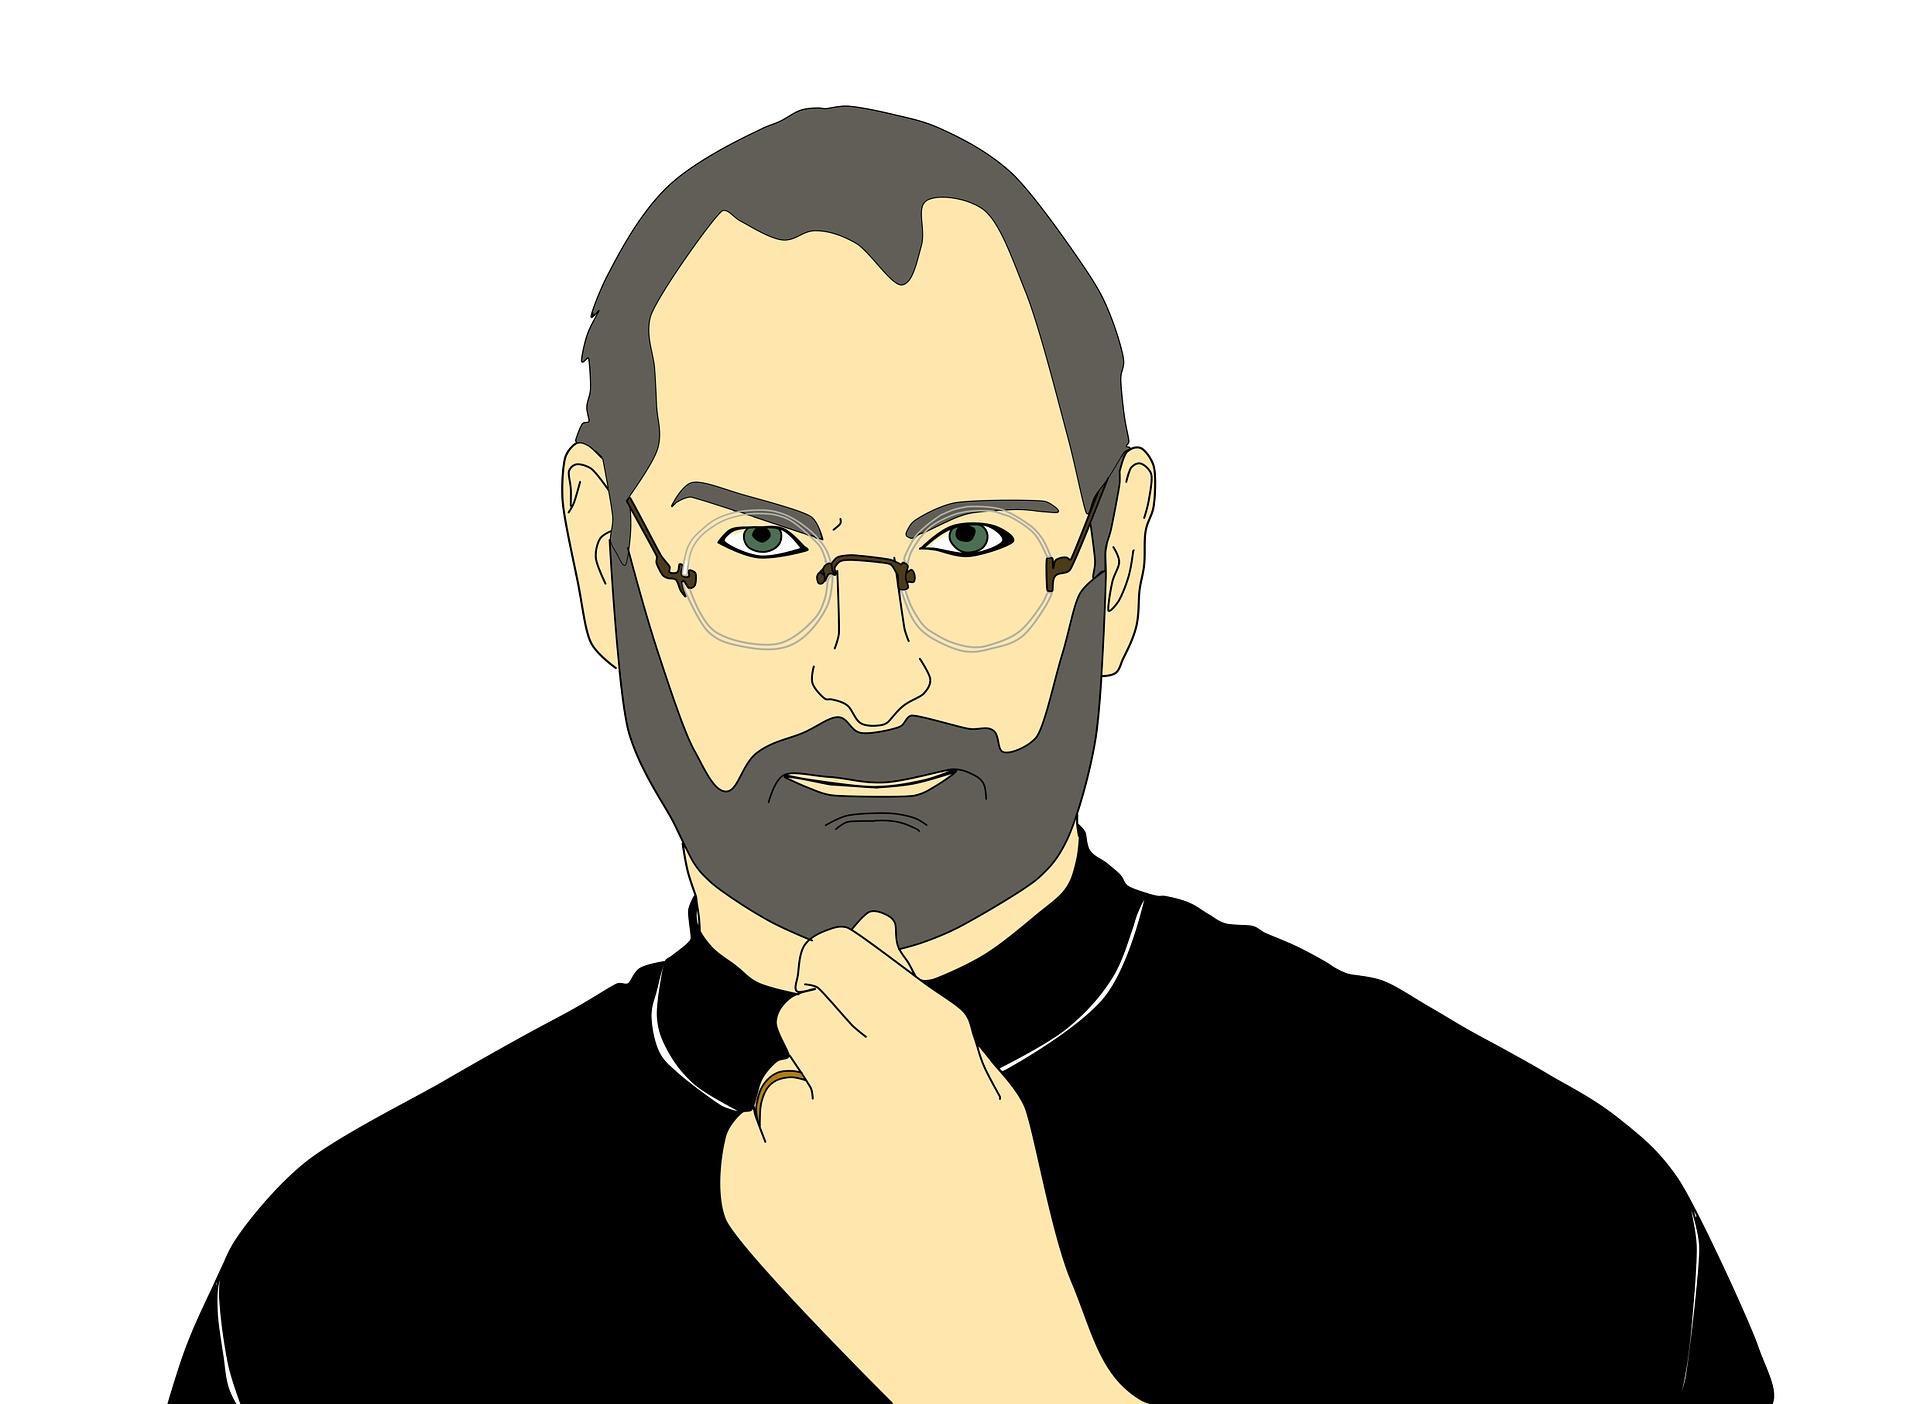 """Érdekes idézetek az IT-világ """"őrültjeitől"""": igazságok vagy marhaságok?"""